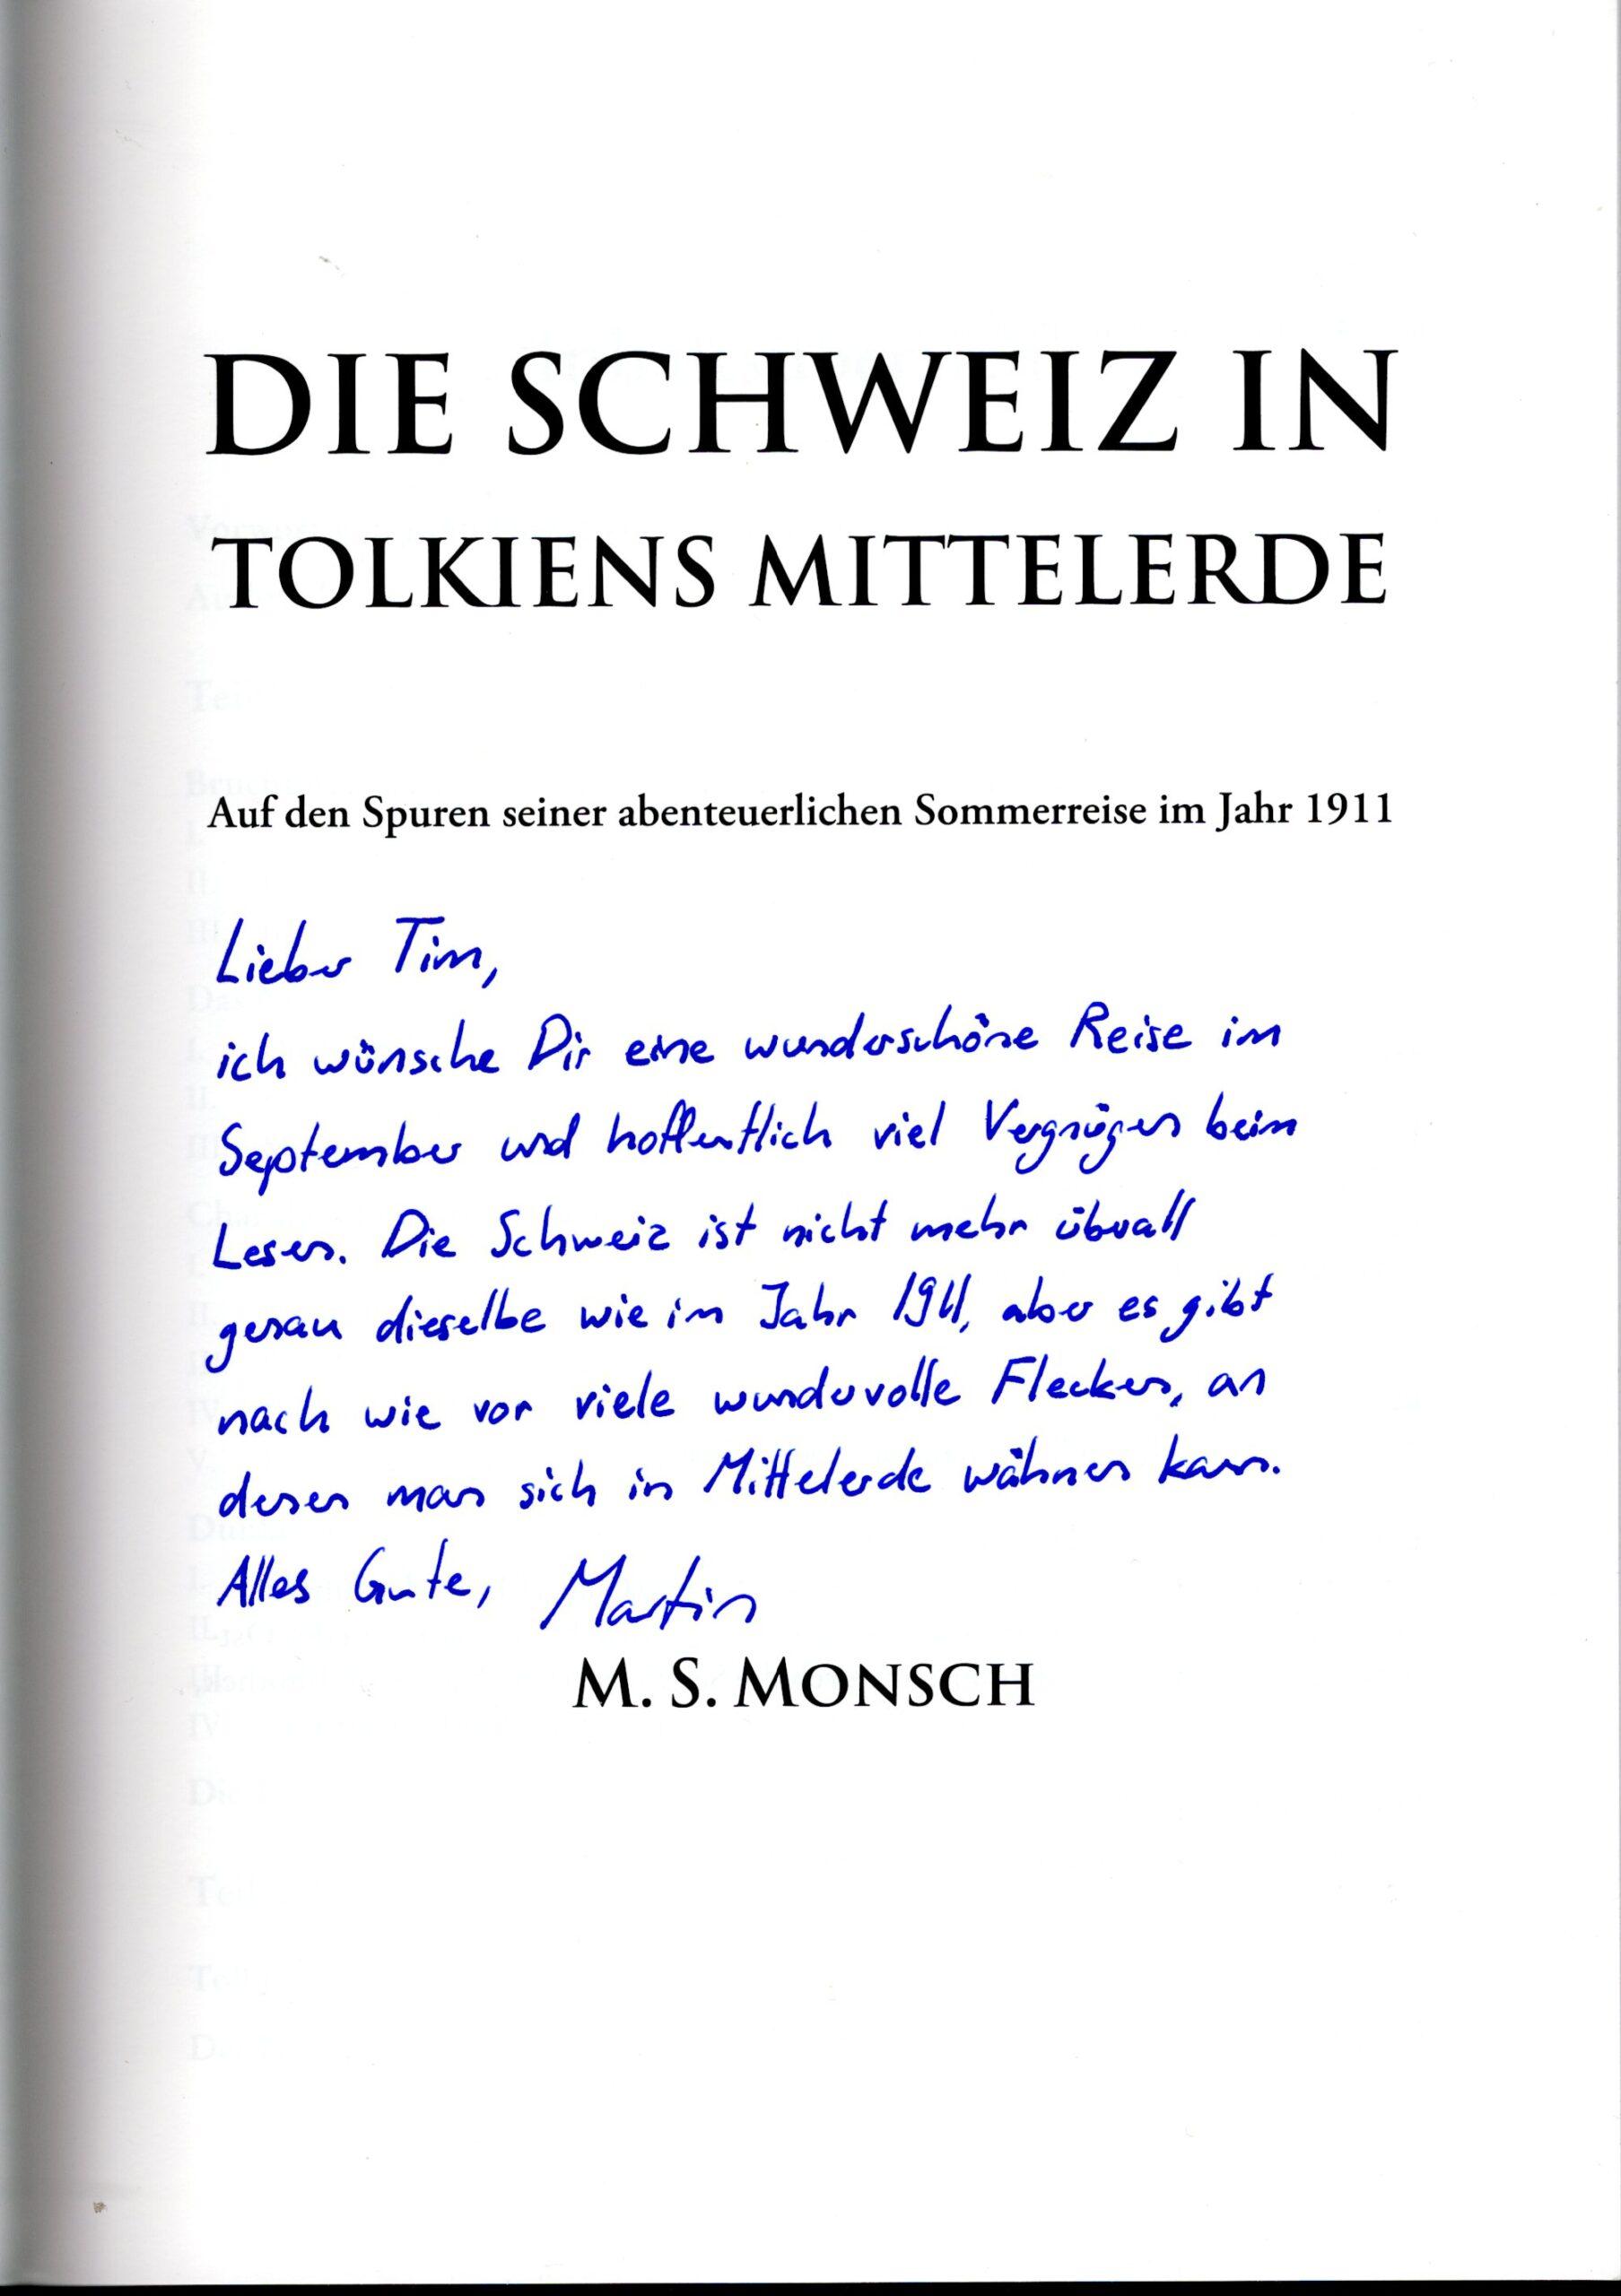 Schweiz Monsch03